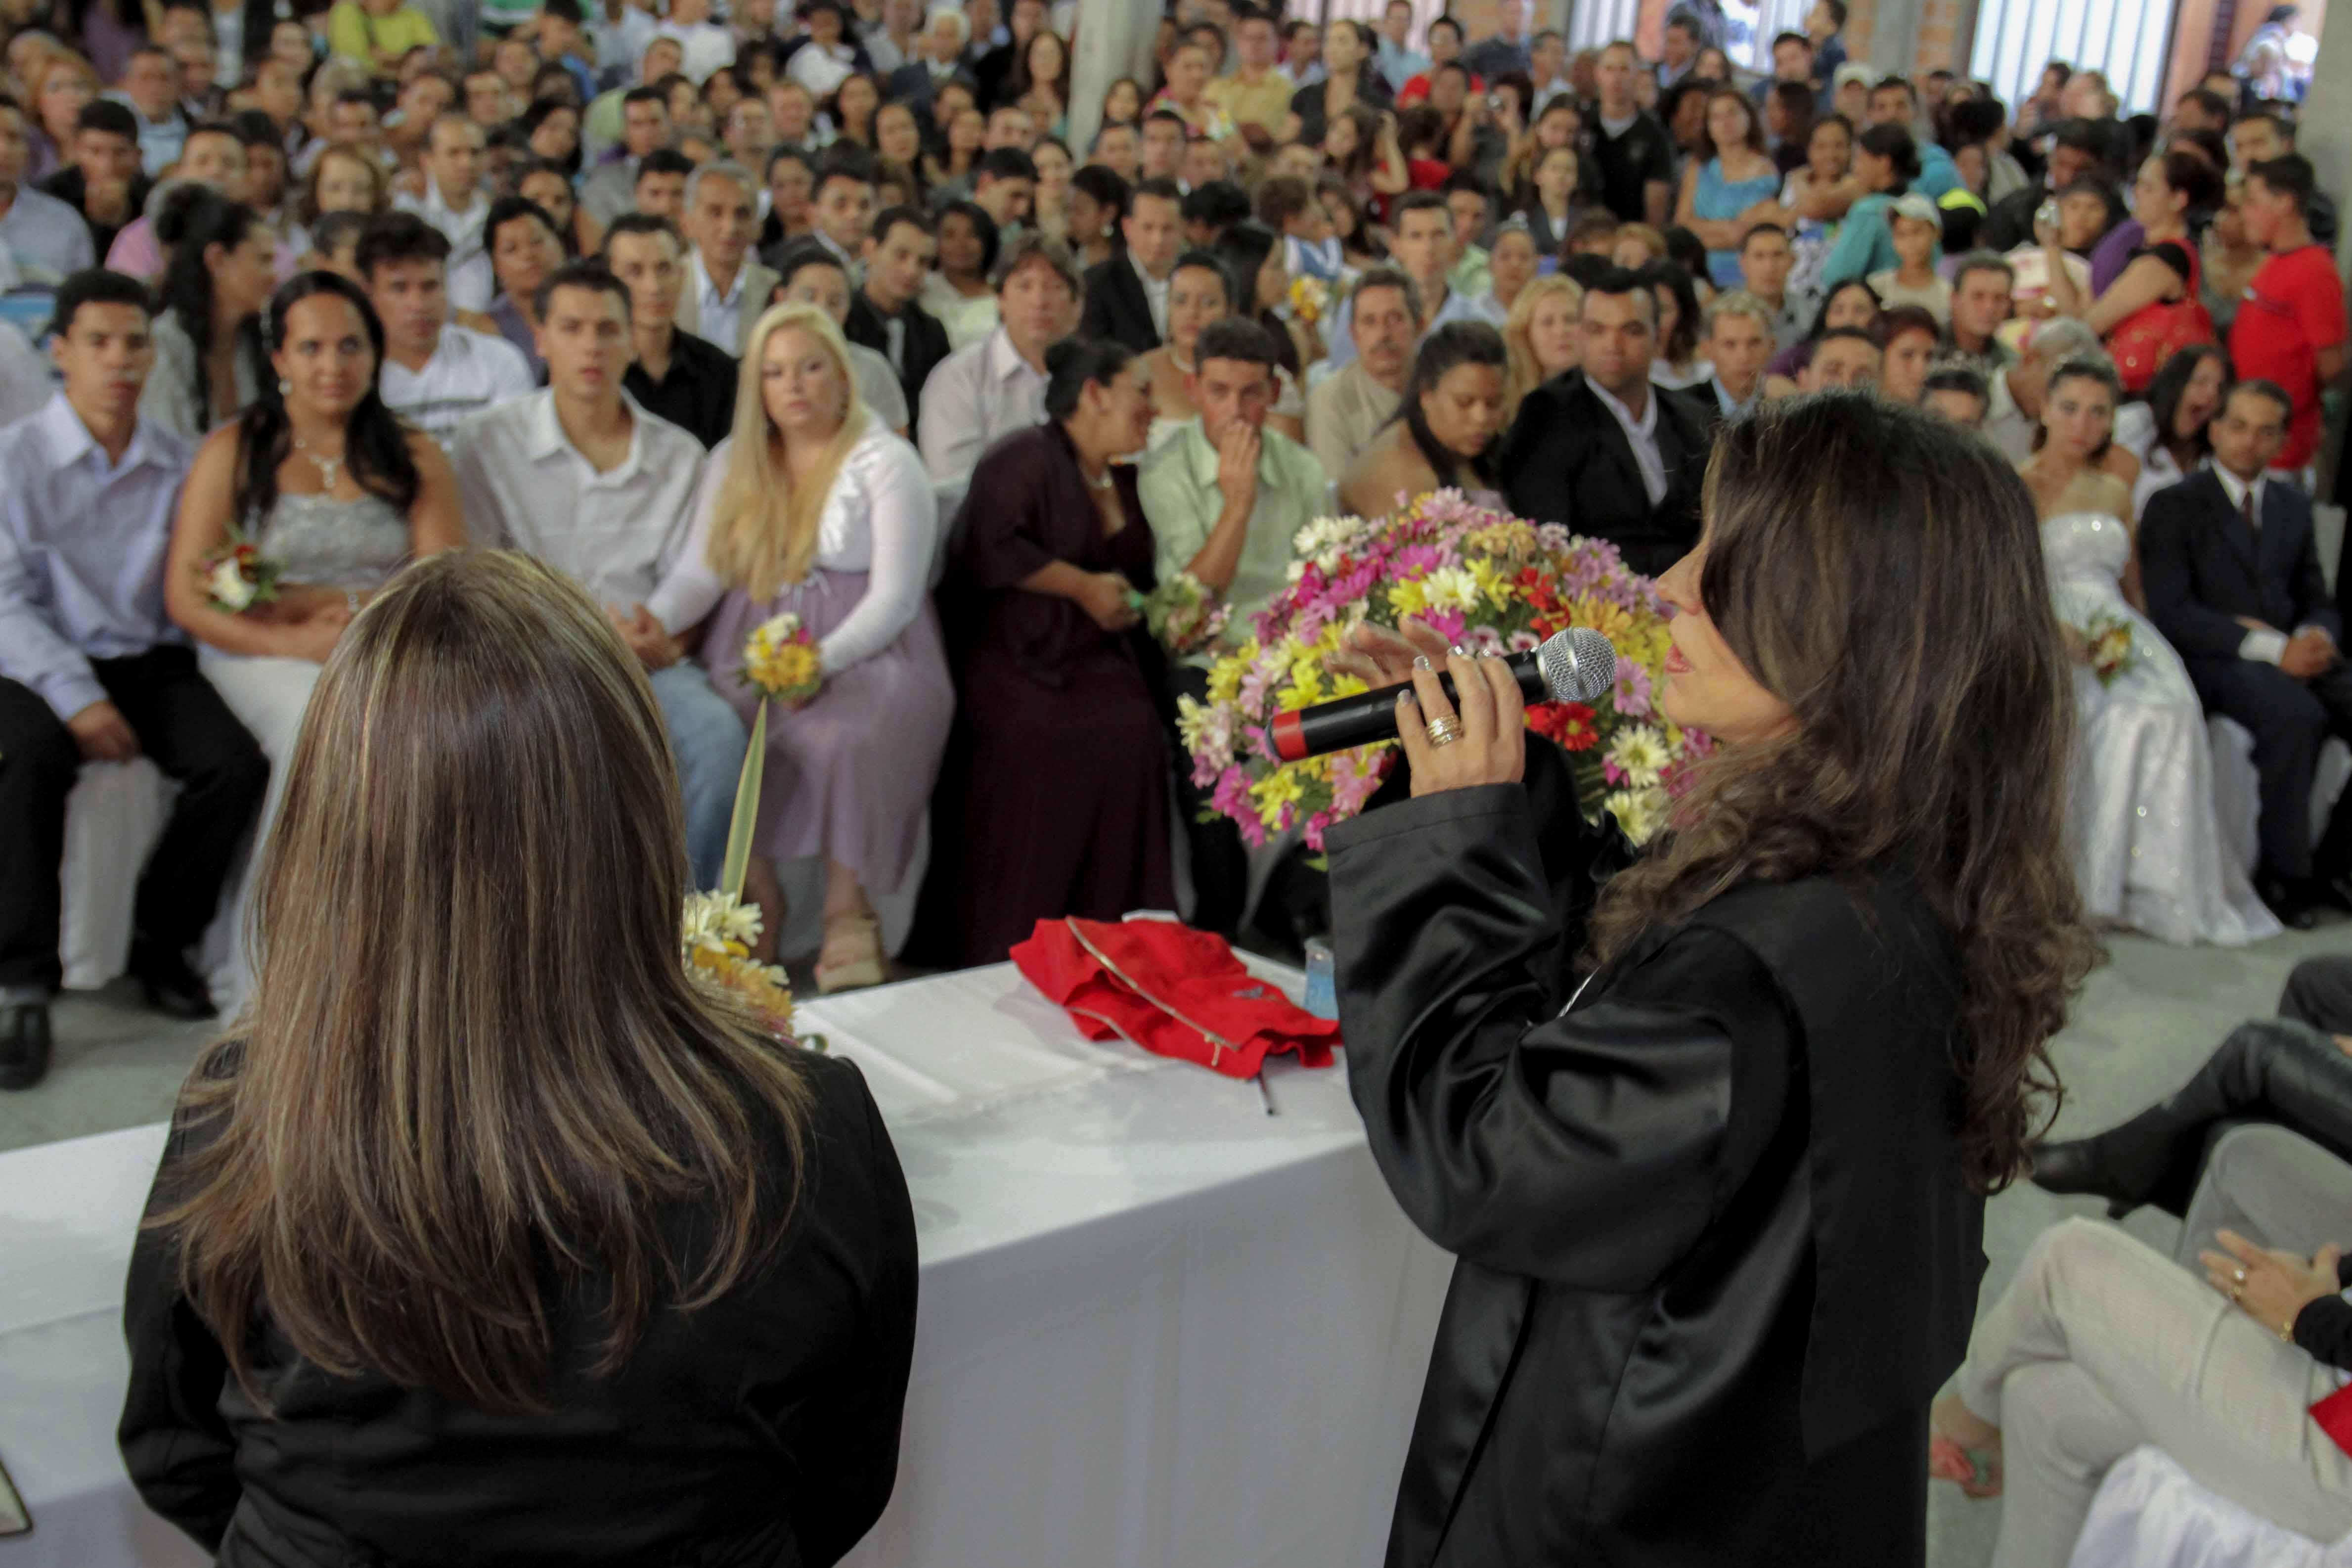 Casamento coletivo será celebrado nesta sexta-feira na Arena da Baixada